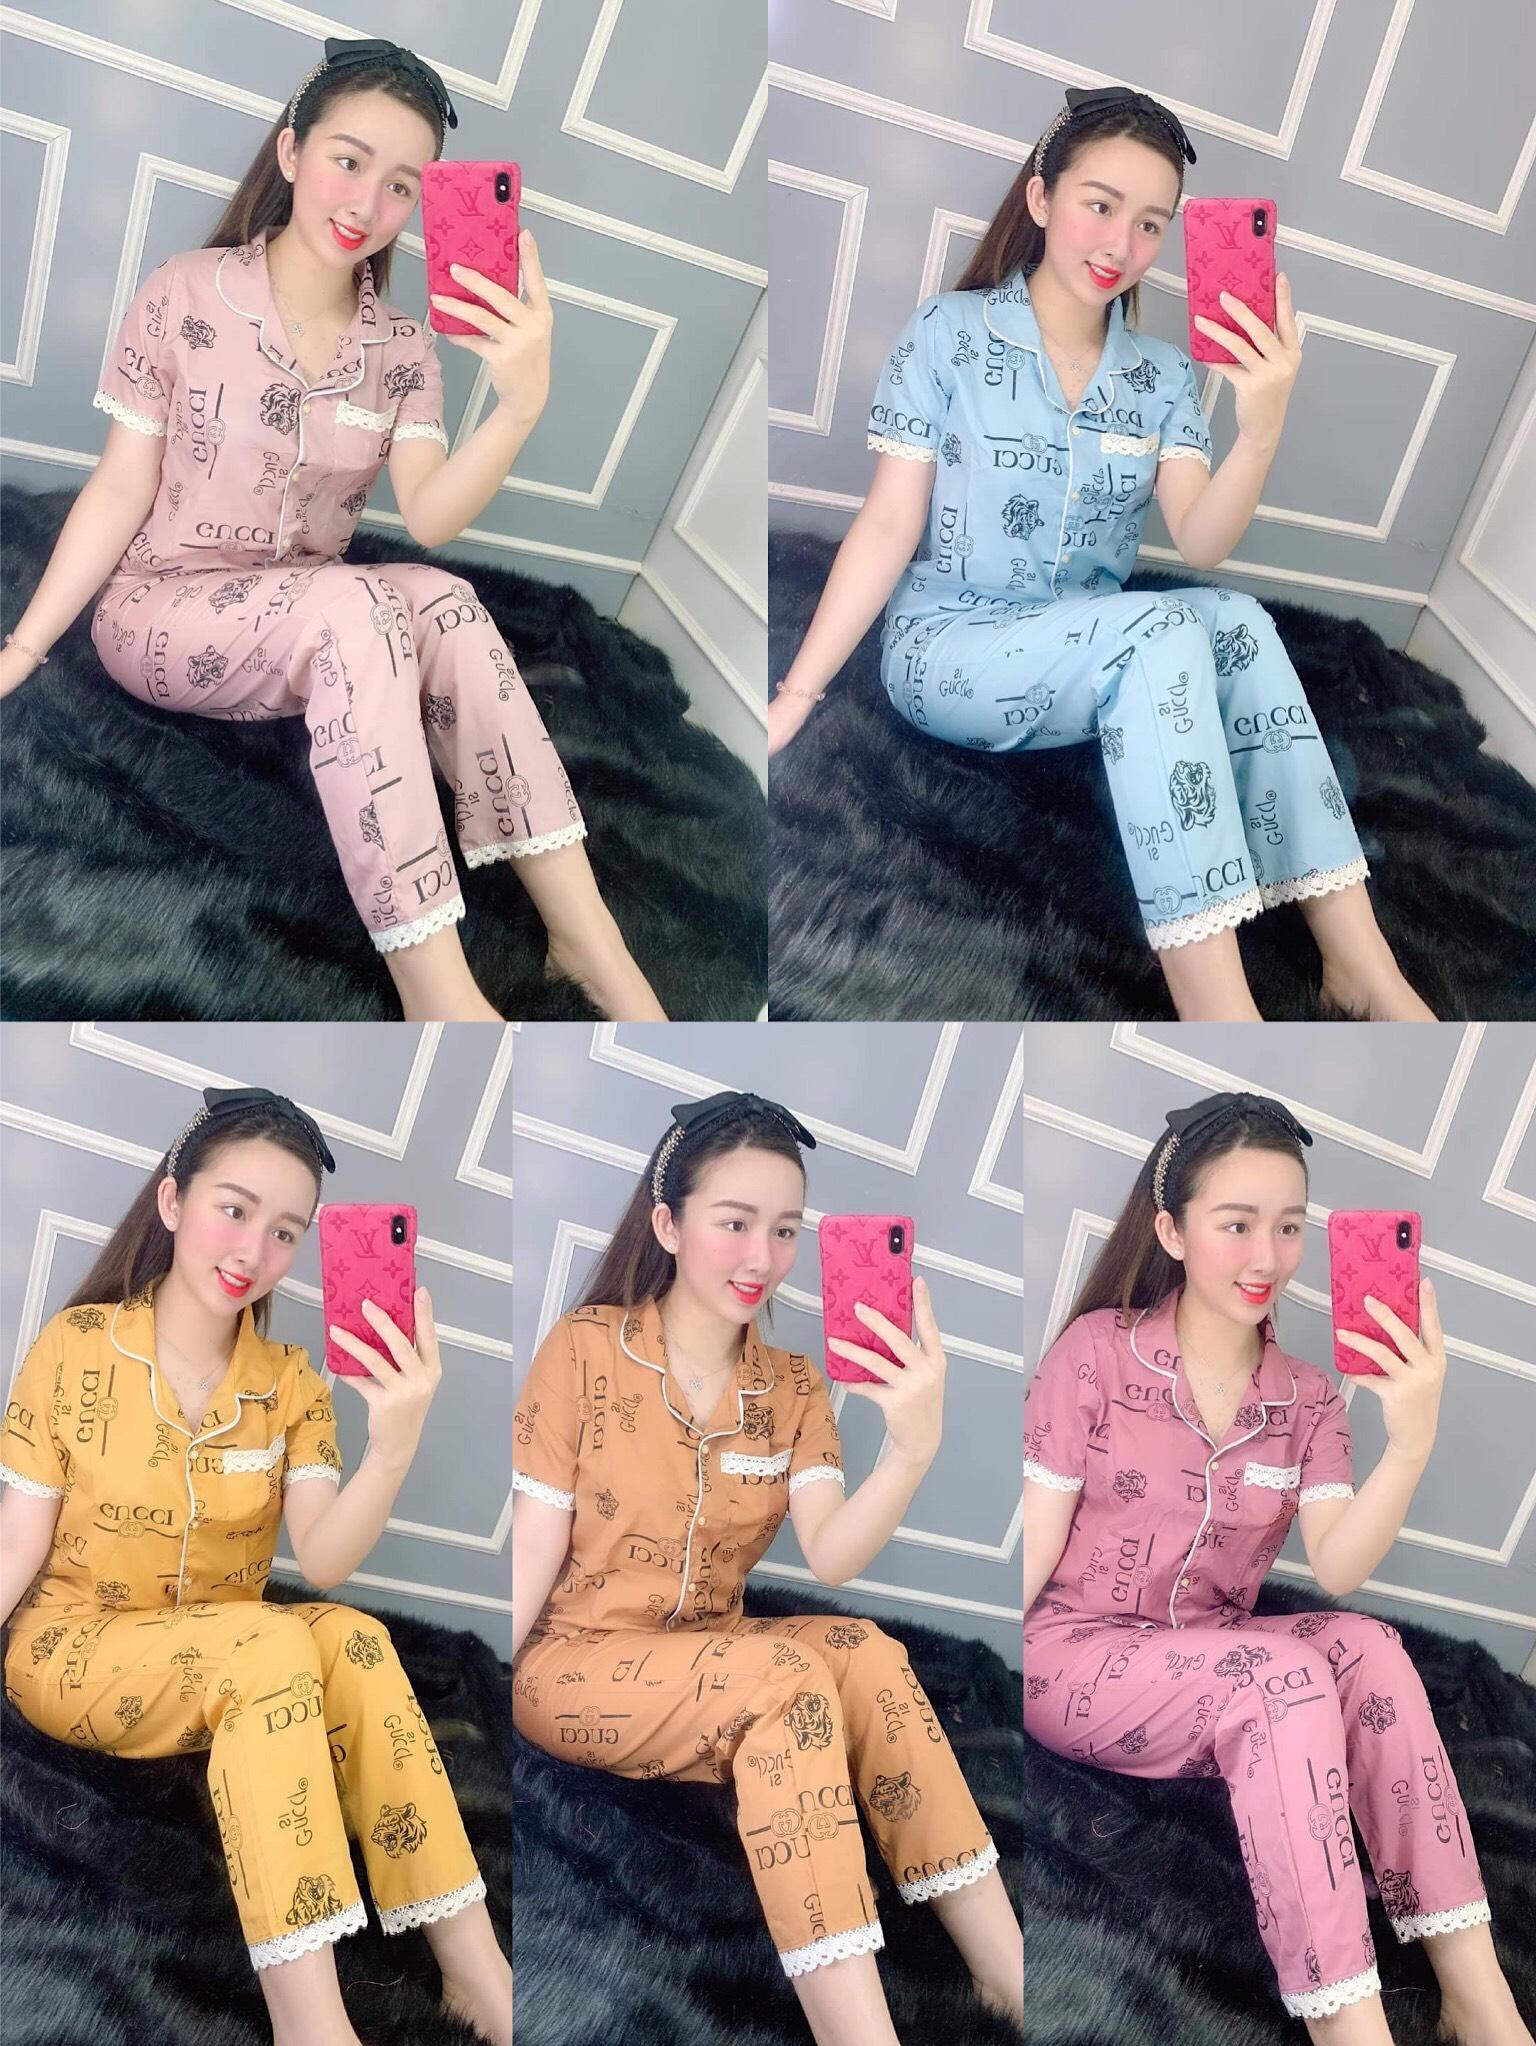 Deal Ưu Đãi Đồ Bộ Pijama Tay Ngắn Quần Dài Vải Kate Lụa Mềm Mịn Phối VIỀN Siêu Xinh Dưới 57kg CAM KẾT GIAO ĐÚNG MẪU Nguyên Khánh Store